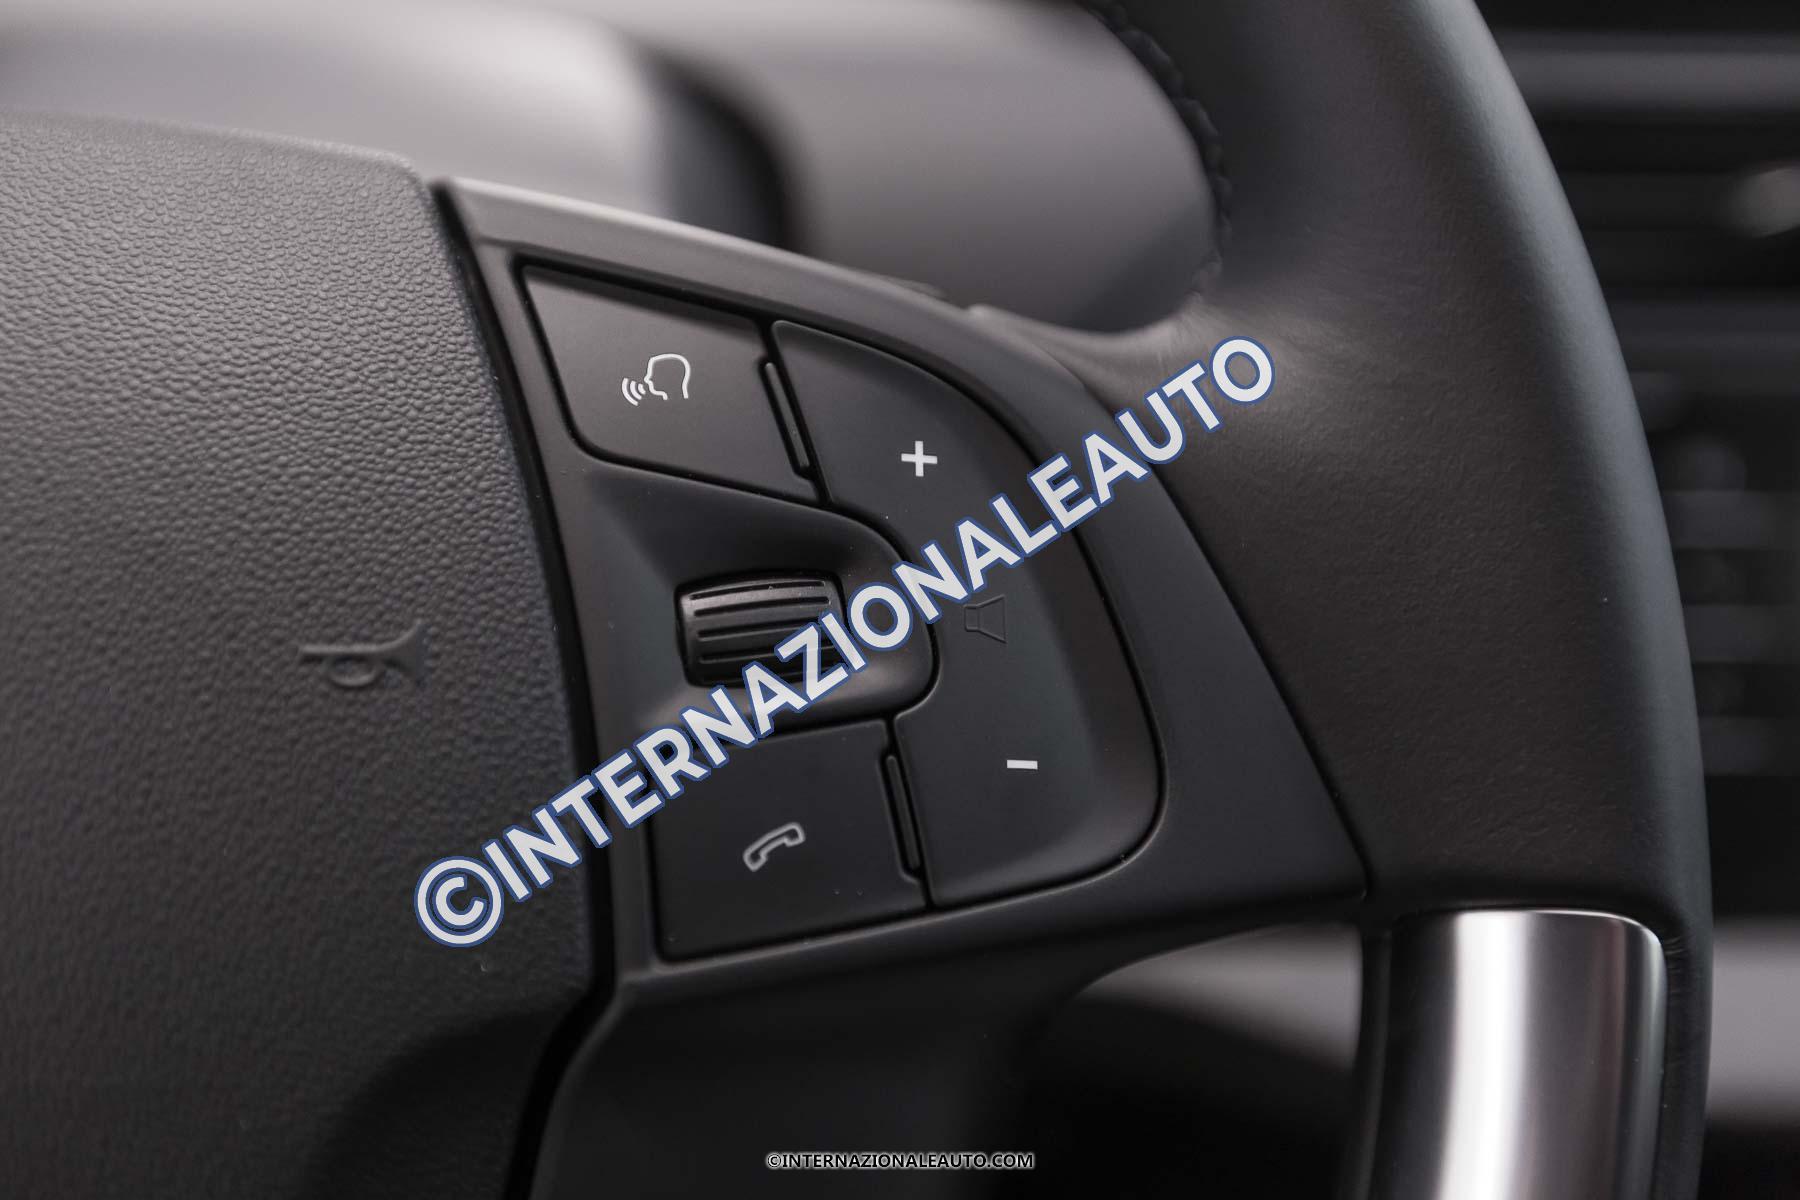 citroen c4 picasso bluehdi 120 s s feel usata internazionaleauto. Black Bedroom Furniture Sets. Home Design Ideas